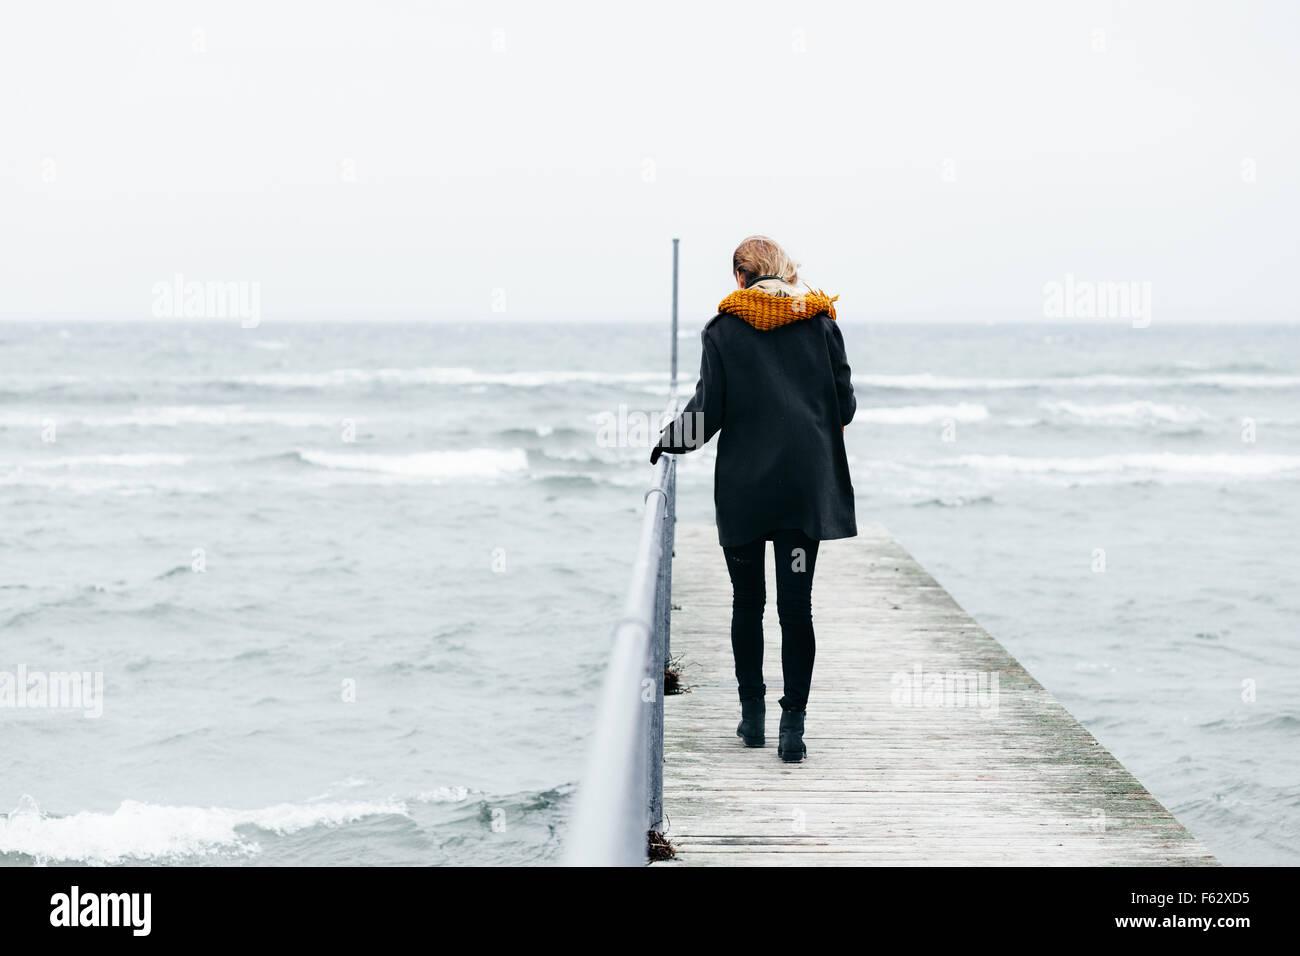 Vue arrière sur toute la longueur de la femme marche sur pier over sea Photo Stock